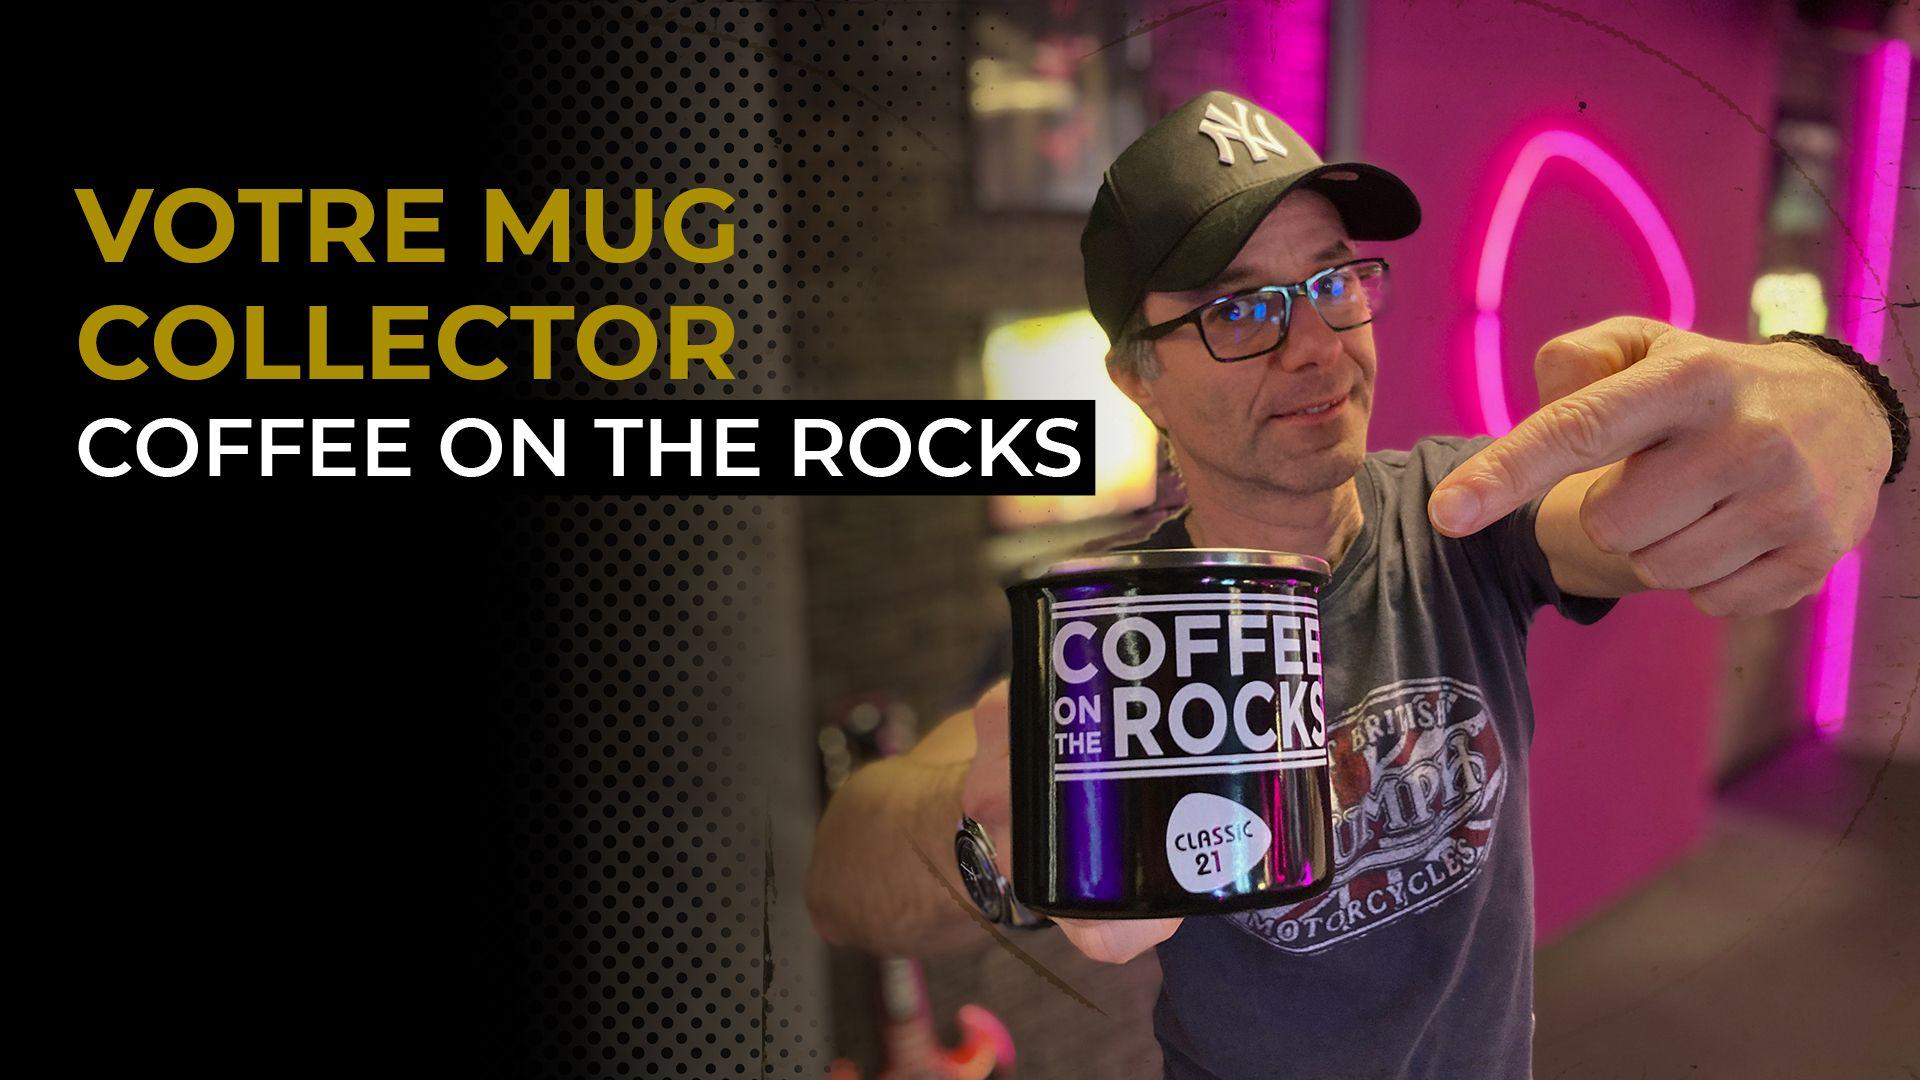 Votre mug collector